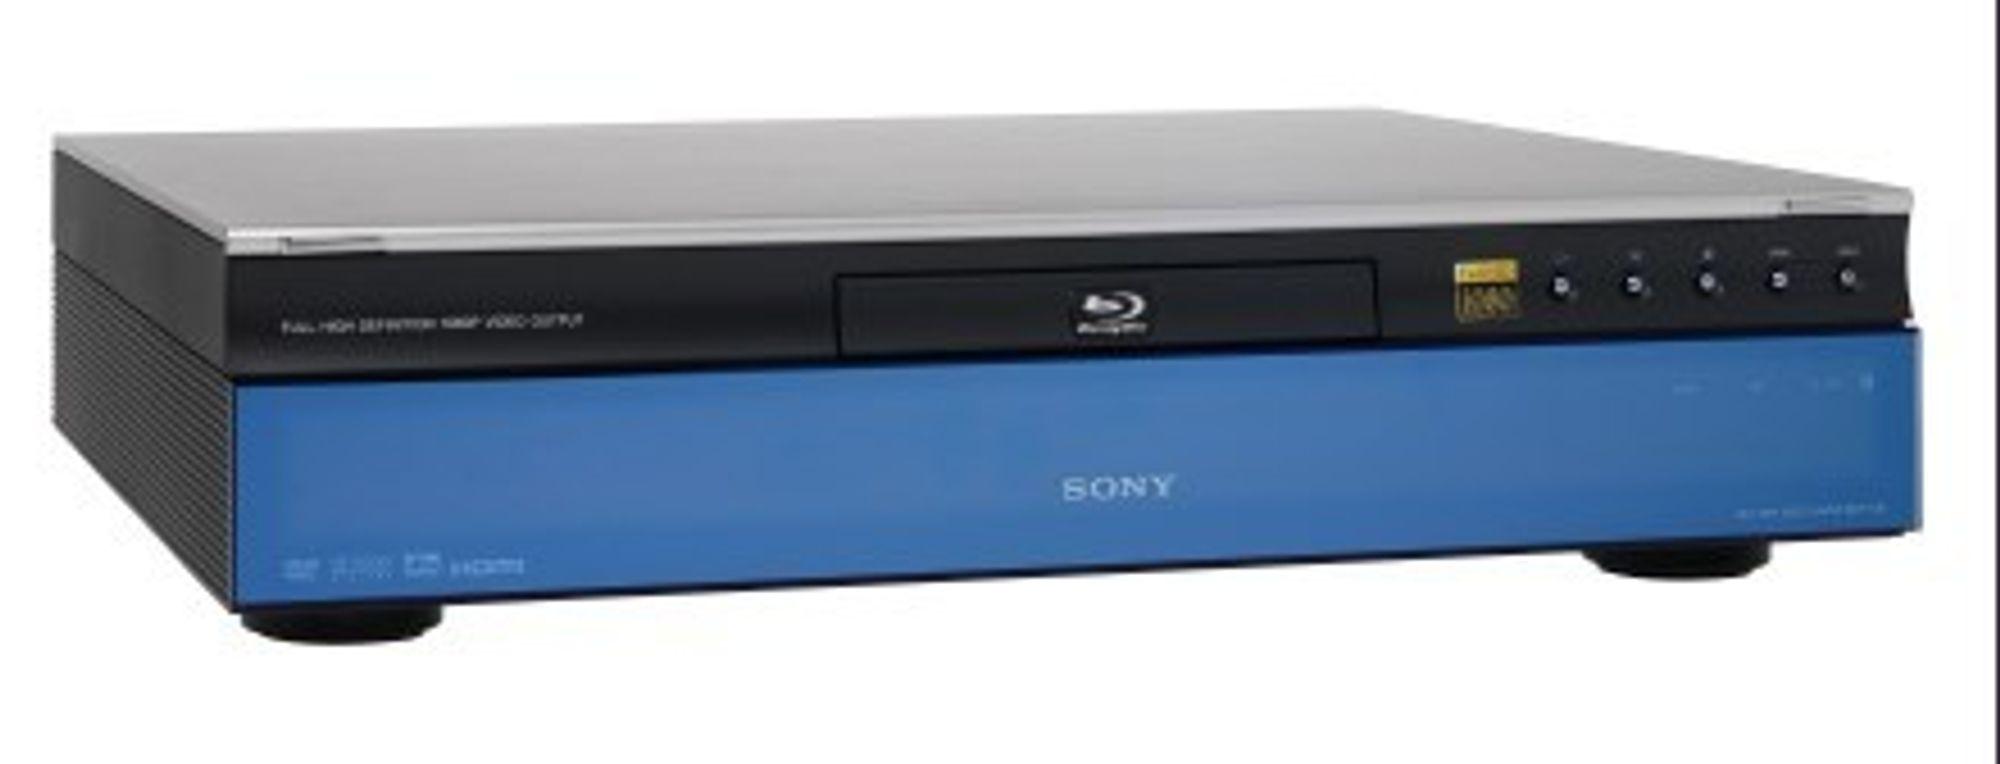 Sonys Blu-ray-spiller BDP-S1E.